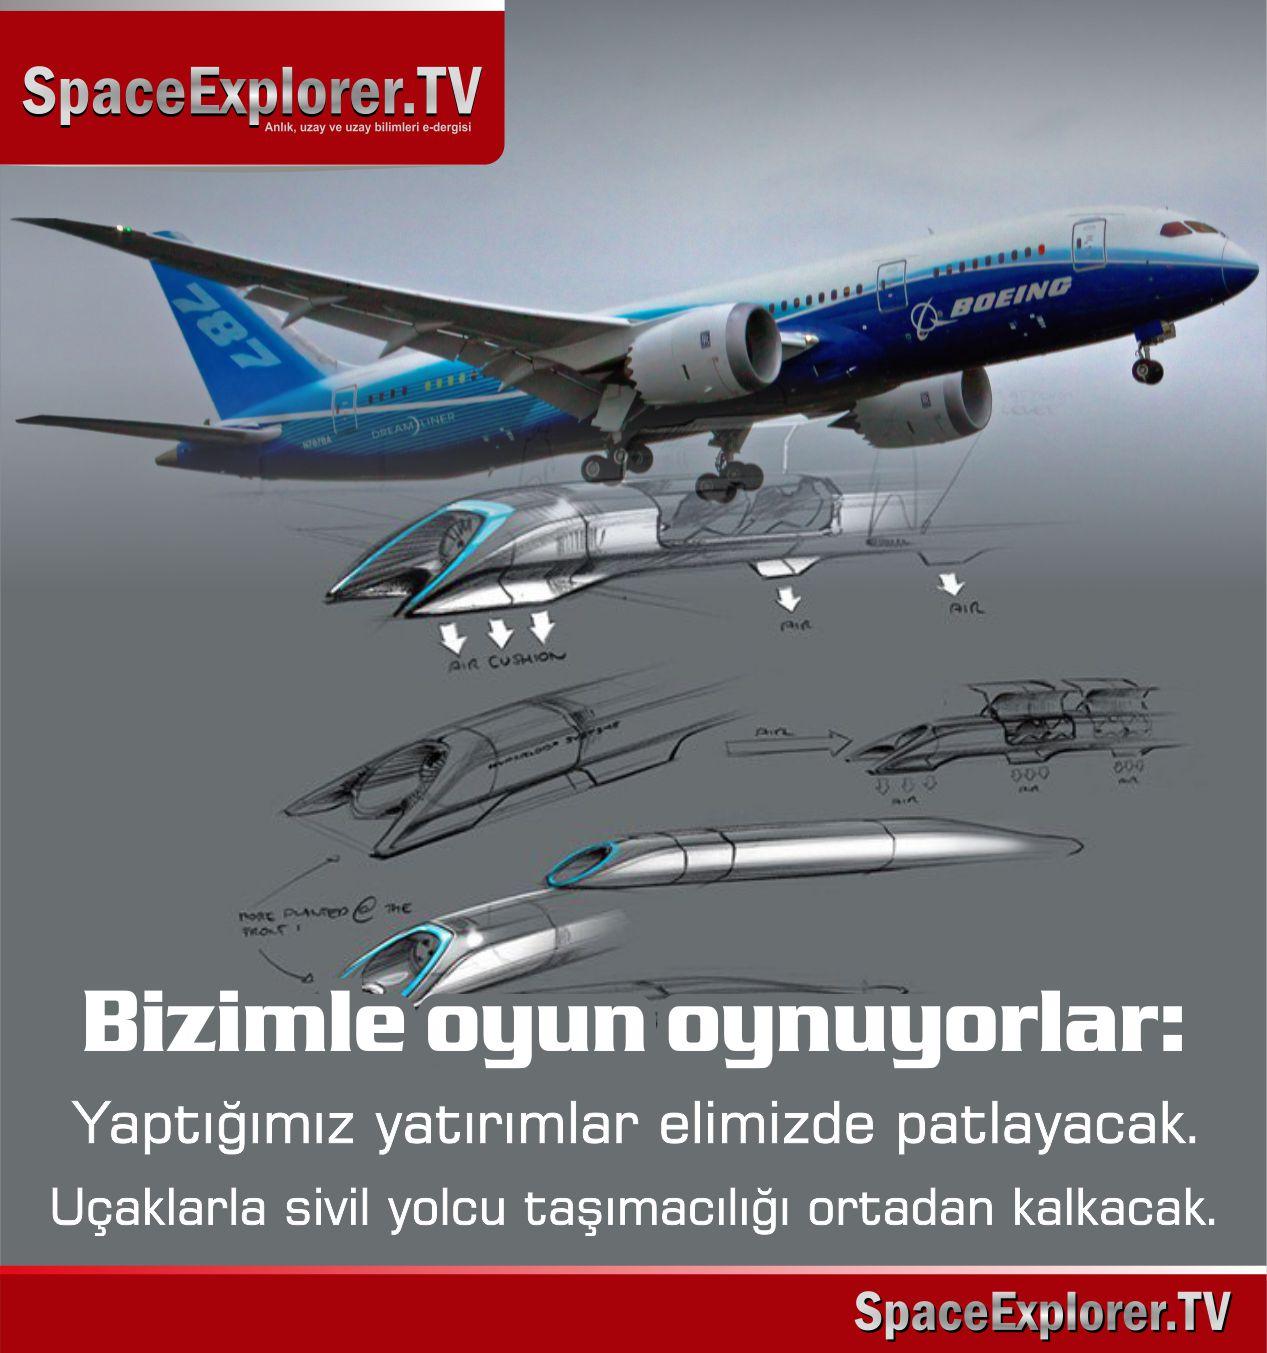 Havacılık, Sivil Uçaklar, Sivil Havacılık, Boeing, SpaceX, Elon Musk, ABD, Türk Hava Yolları, Türkiye, Mehmet Fahri Sertkaya,